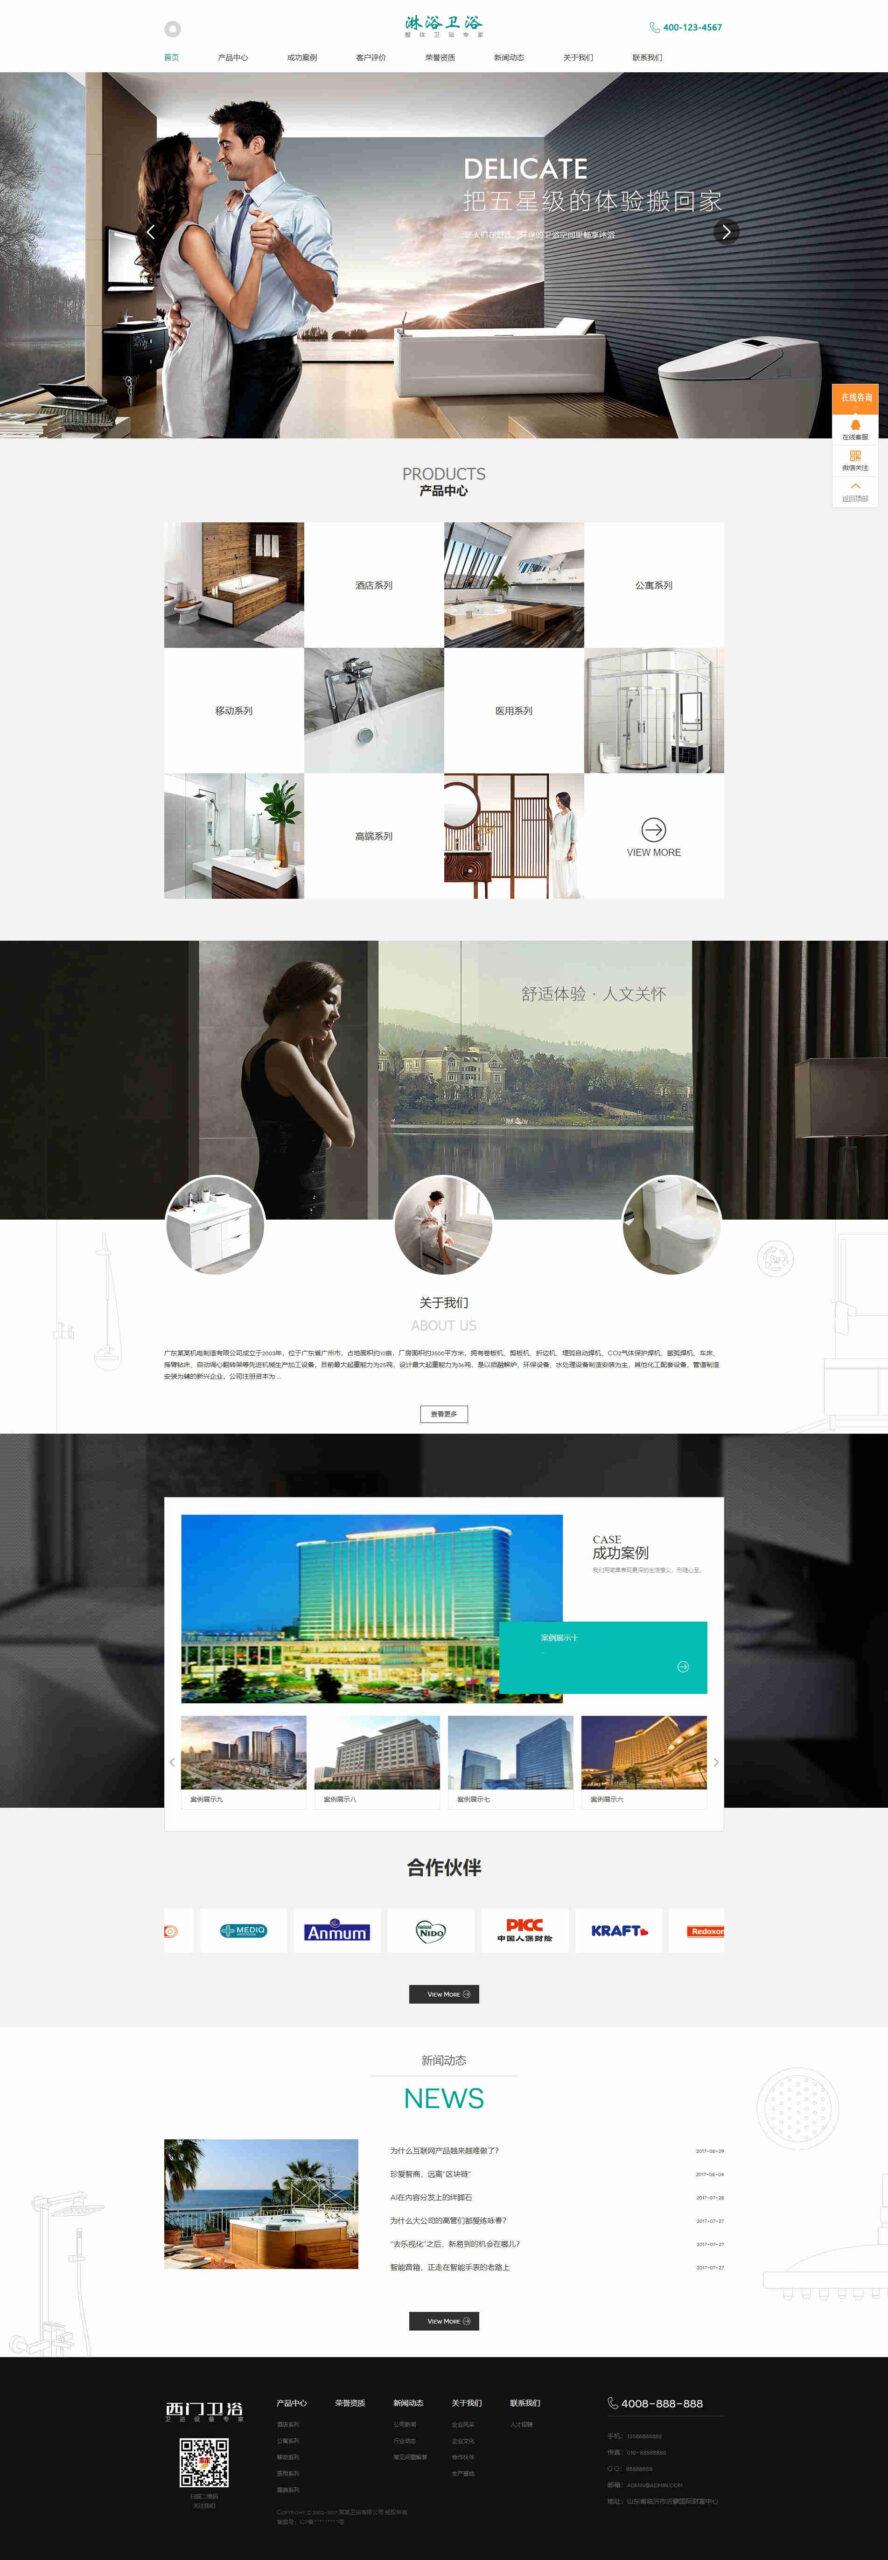 【织梦cms卫浴模版】dedecms家居卫浴企业官网H5移动智能终端插图